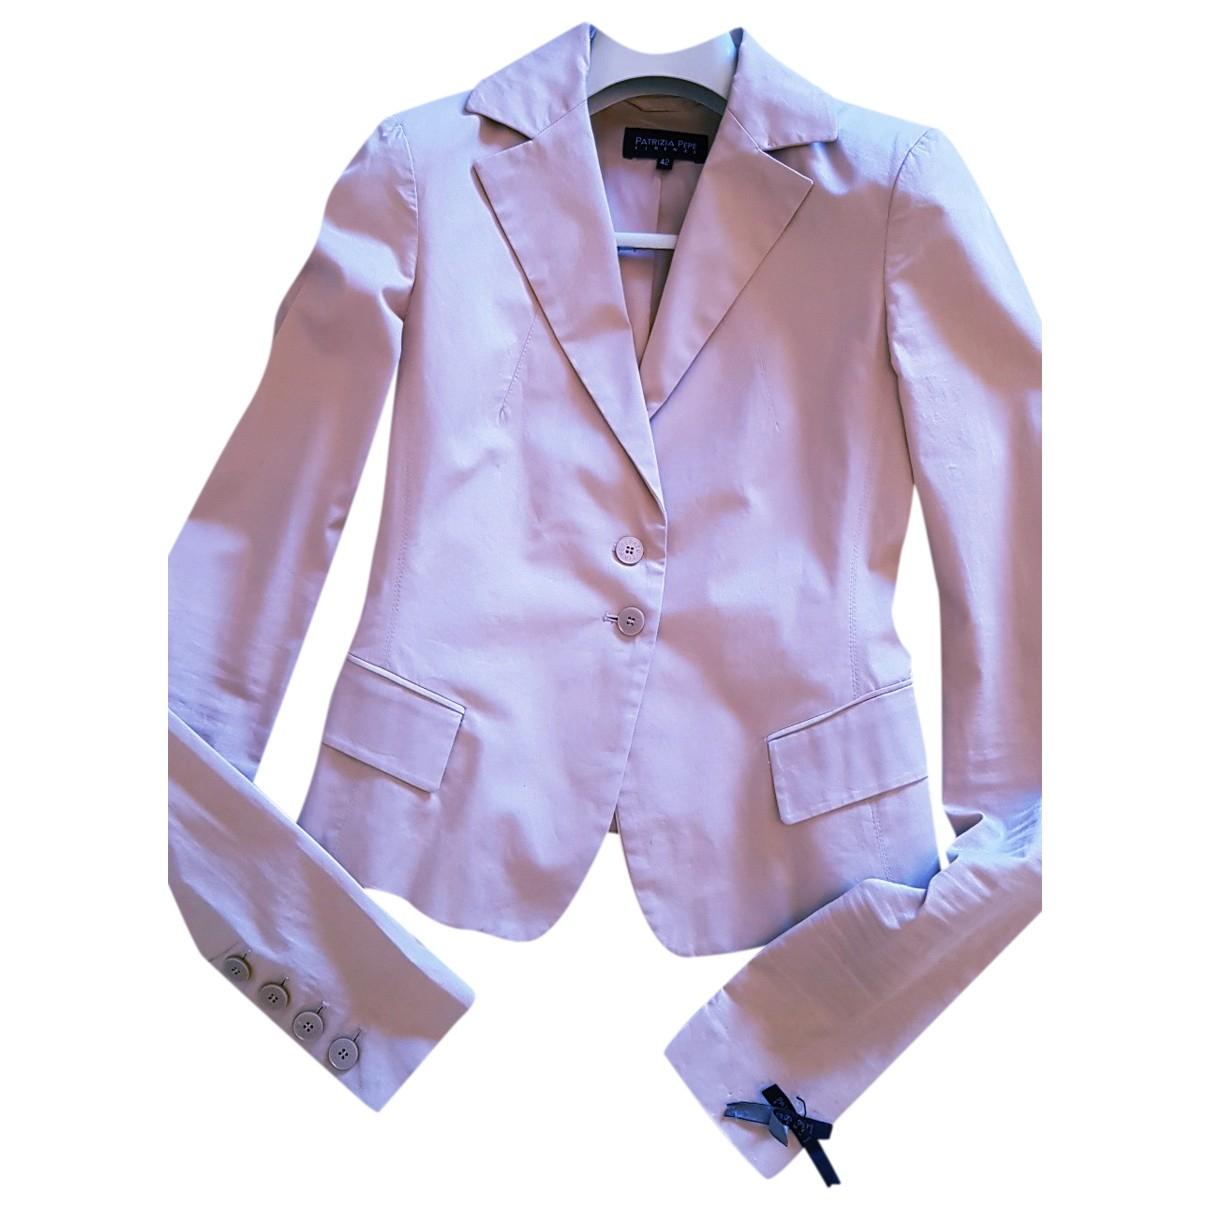 Patrizia Pepe \N Beige Cotton jacket for Women 42 IT